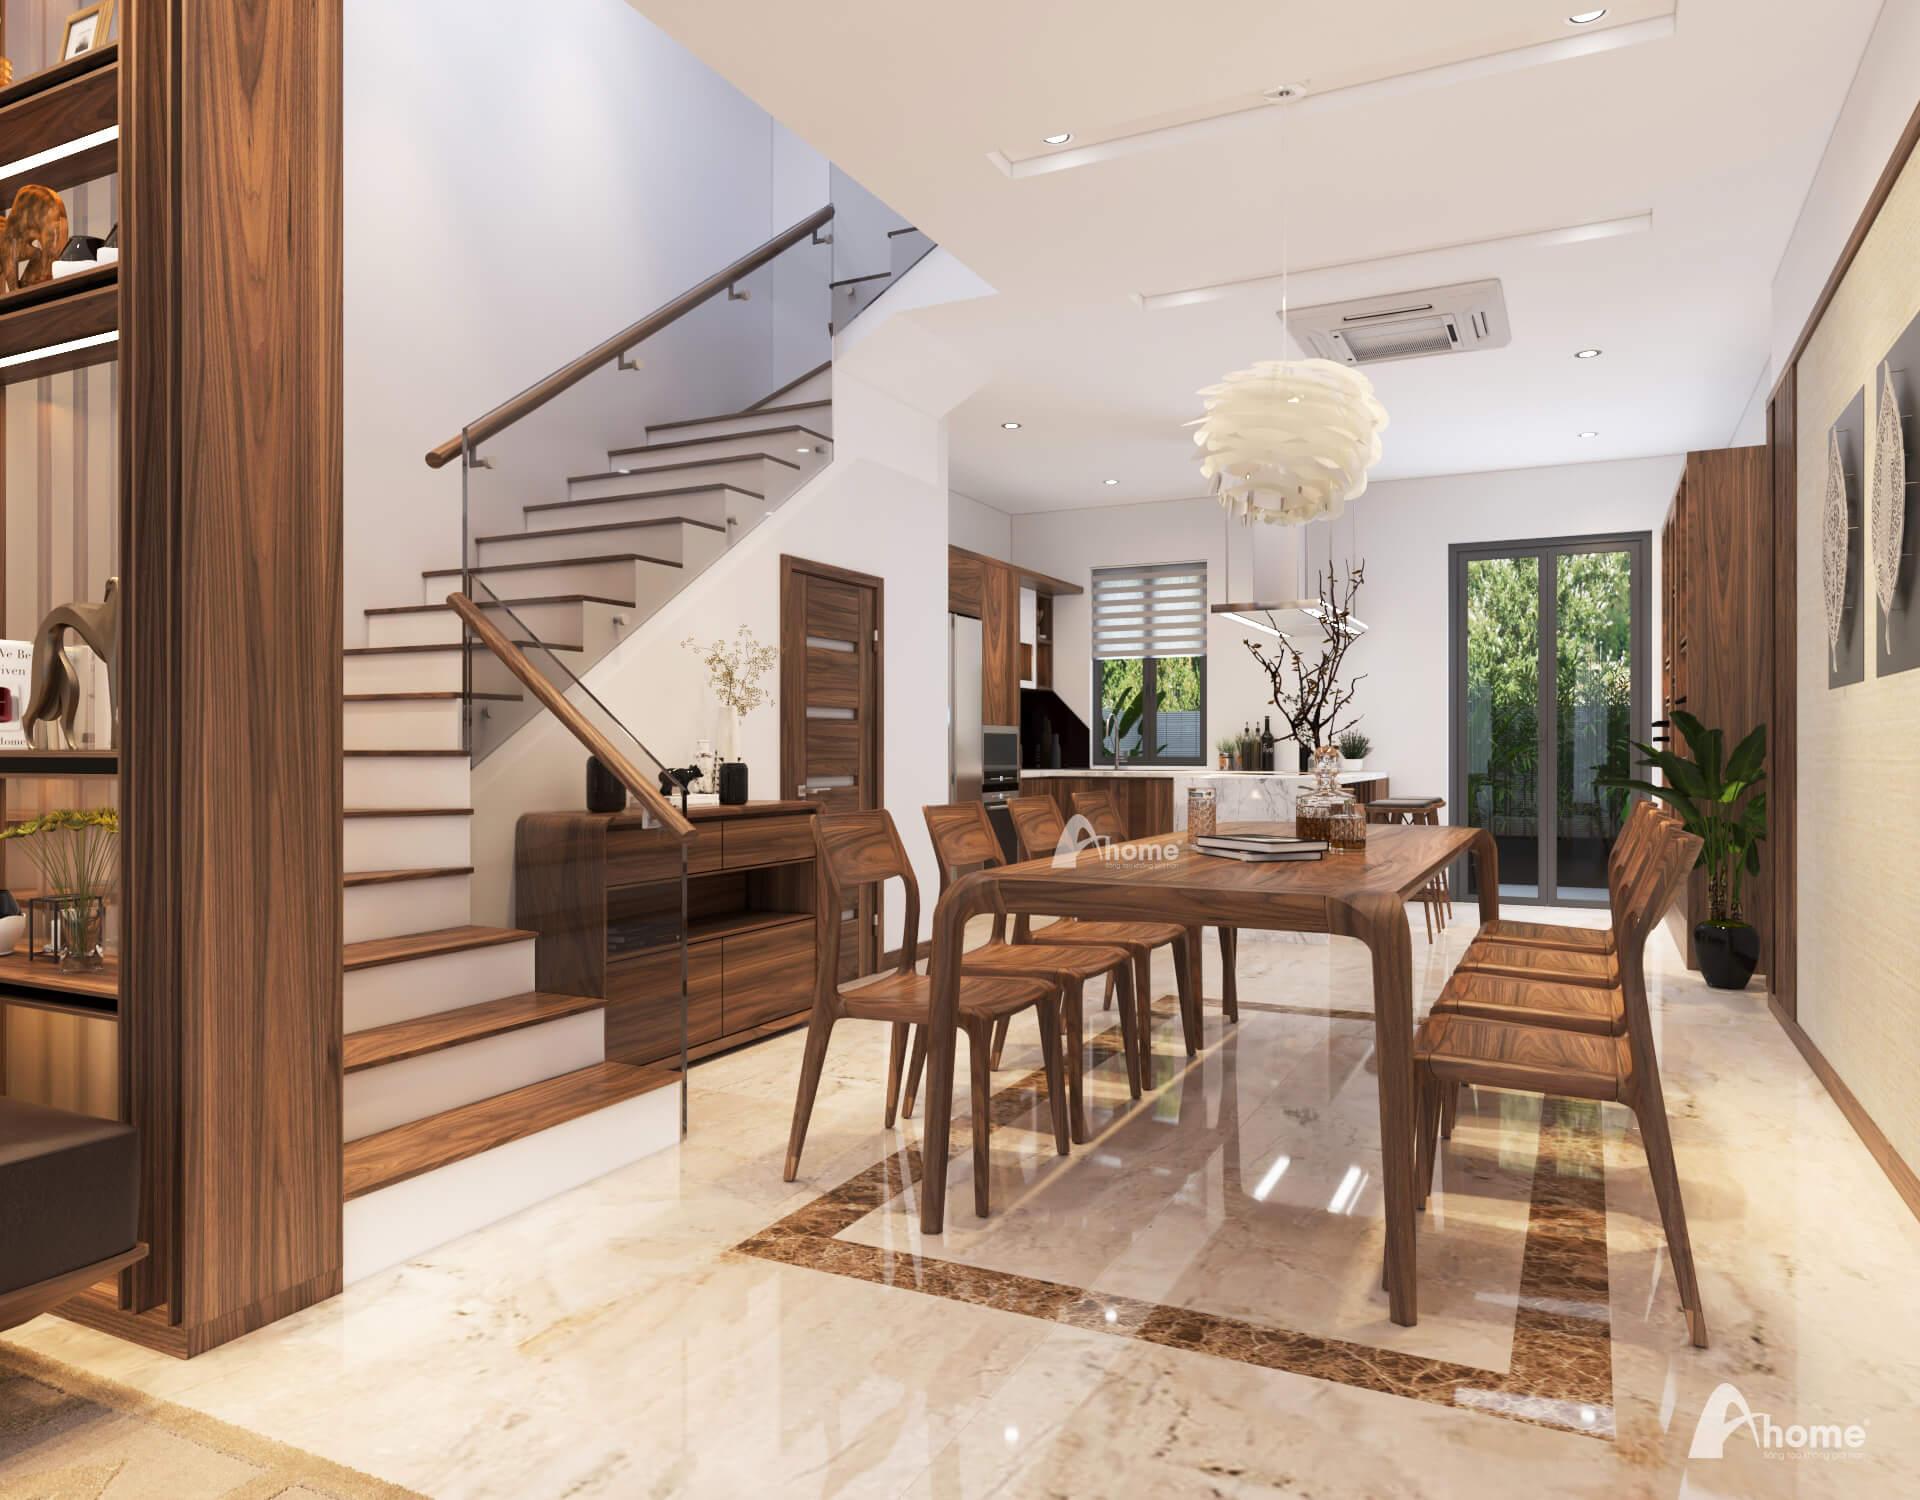 Bộ bàn ghế ăn gỗ óc chó hiện đại trong thiết kế nội thất biệt thự Gamuda